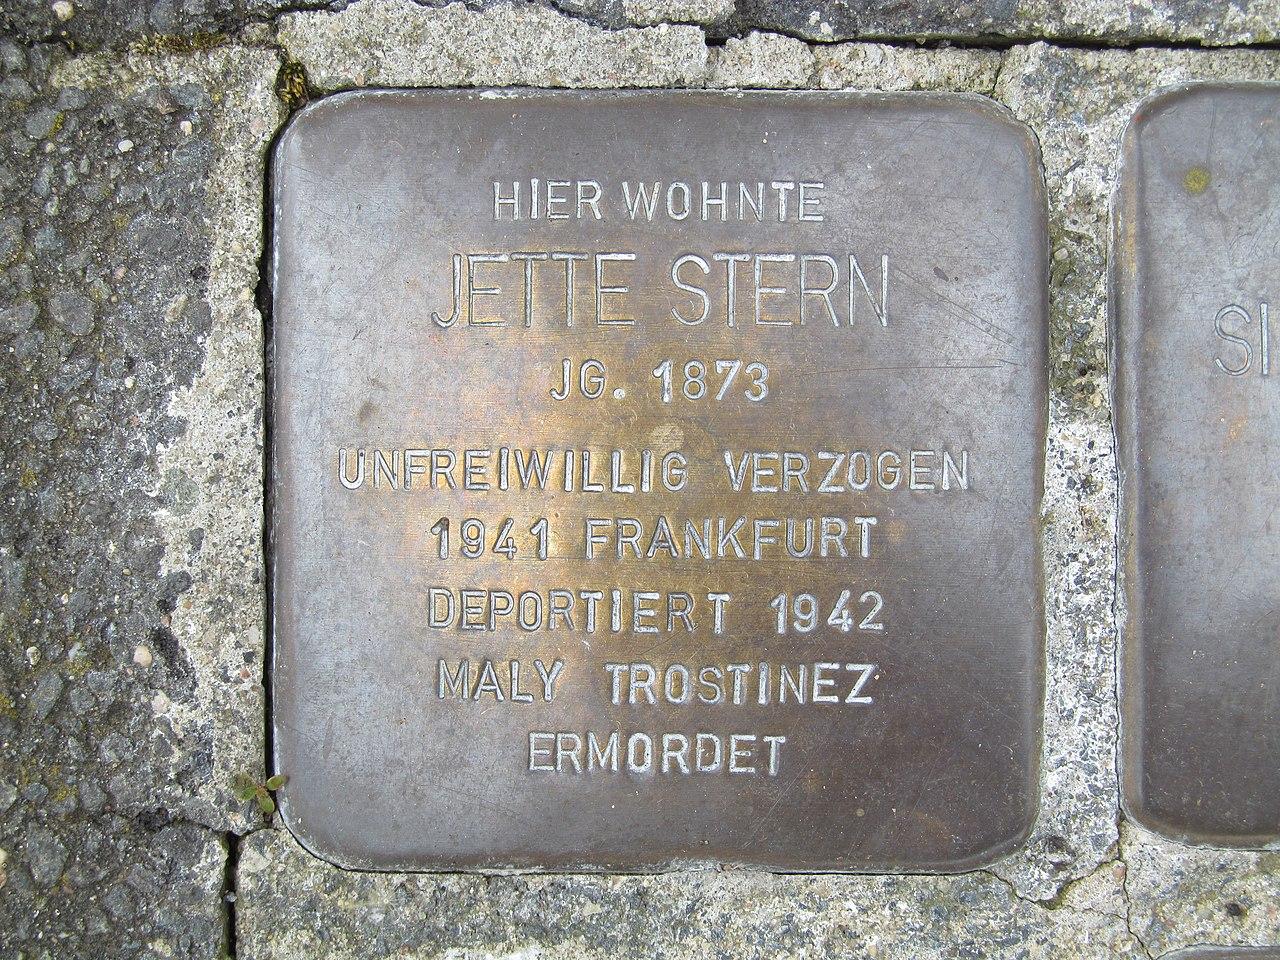 Stolperstein Jette Stern, 1, Lange Straße 2, Oberbrechen, Brechen, Landkreis Limburg-Weilburg.jpg